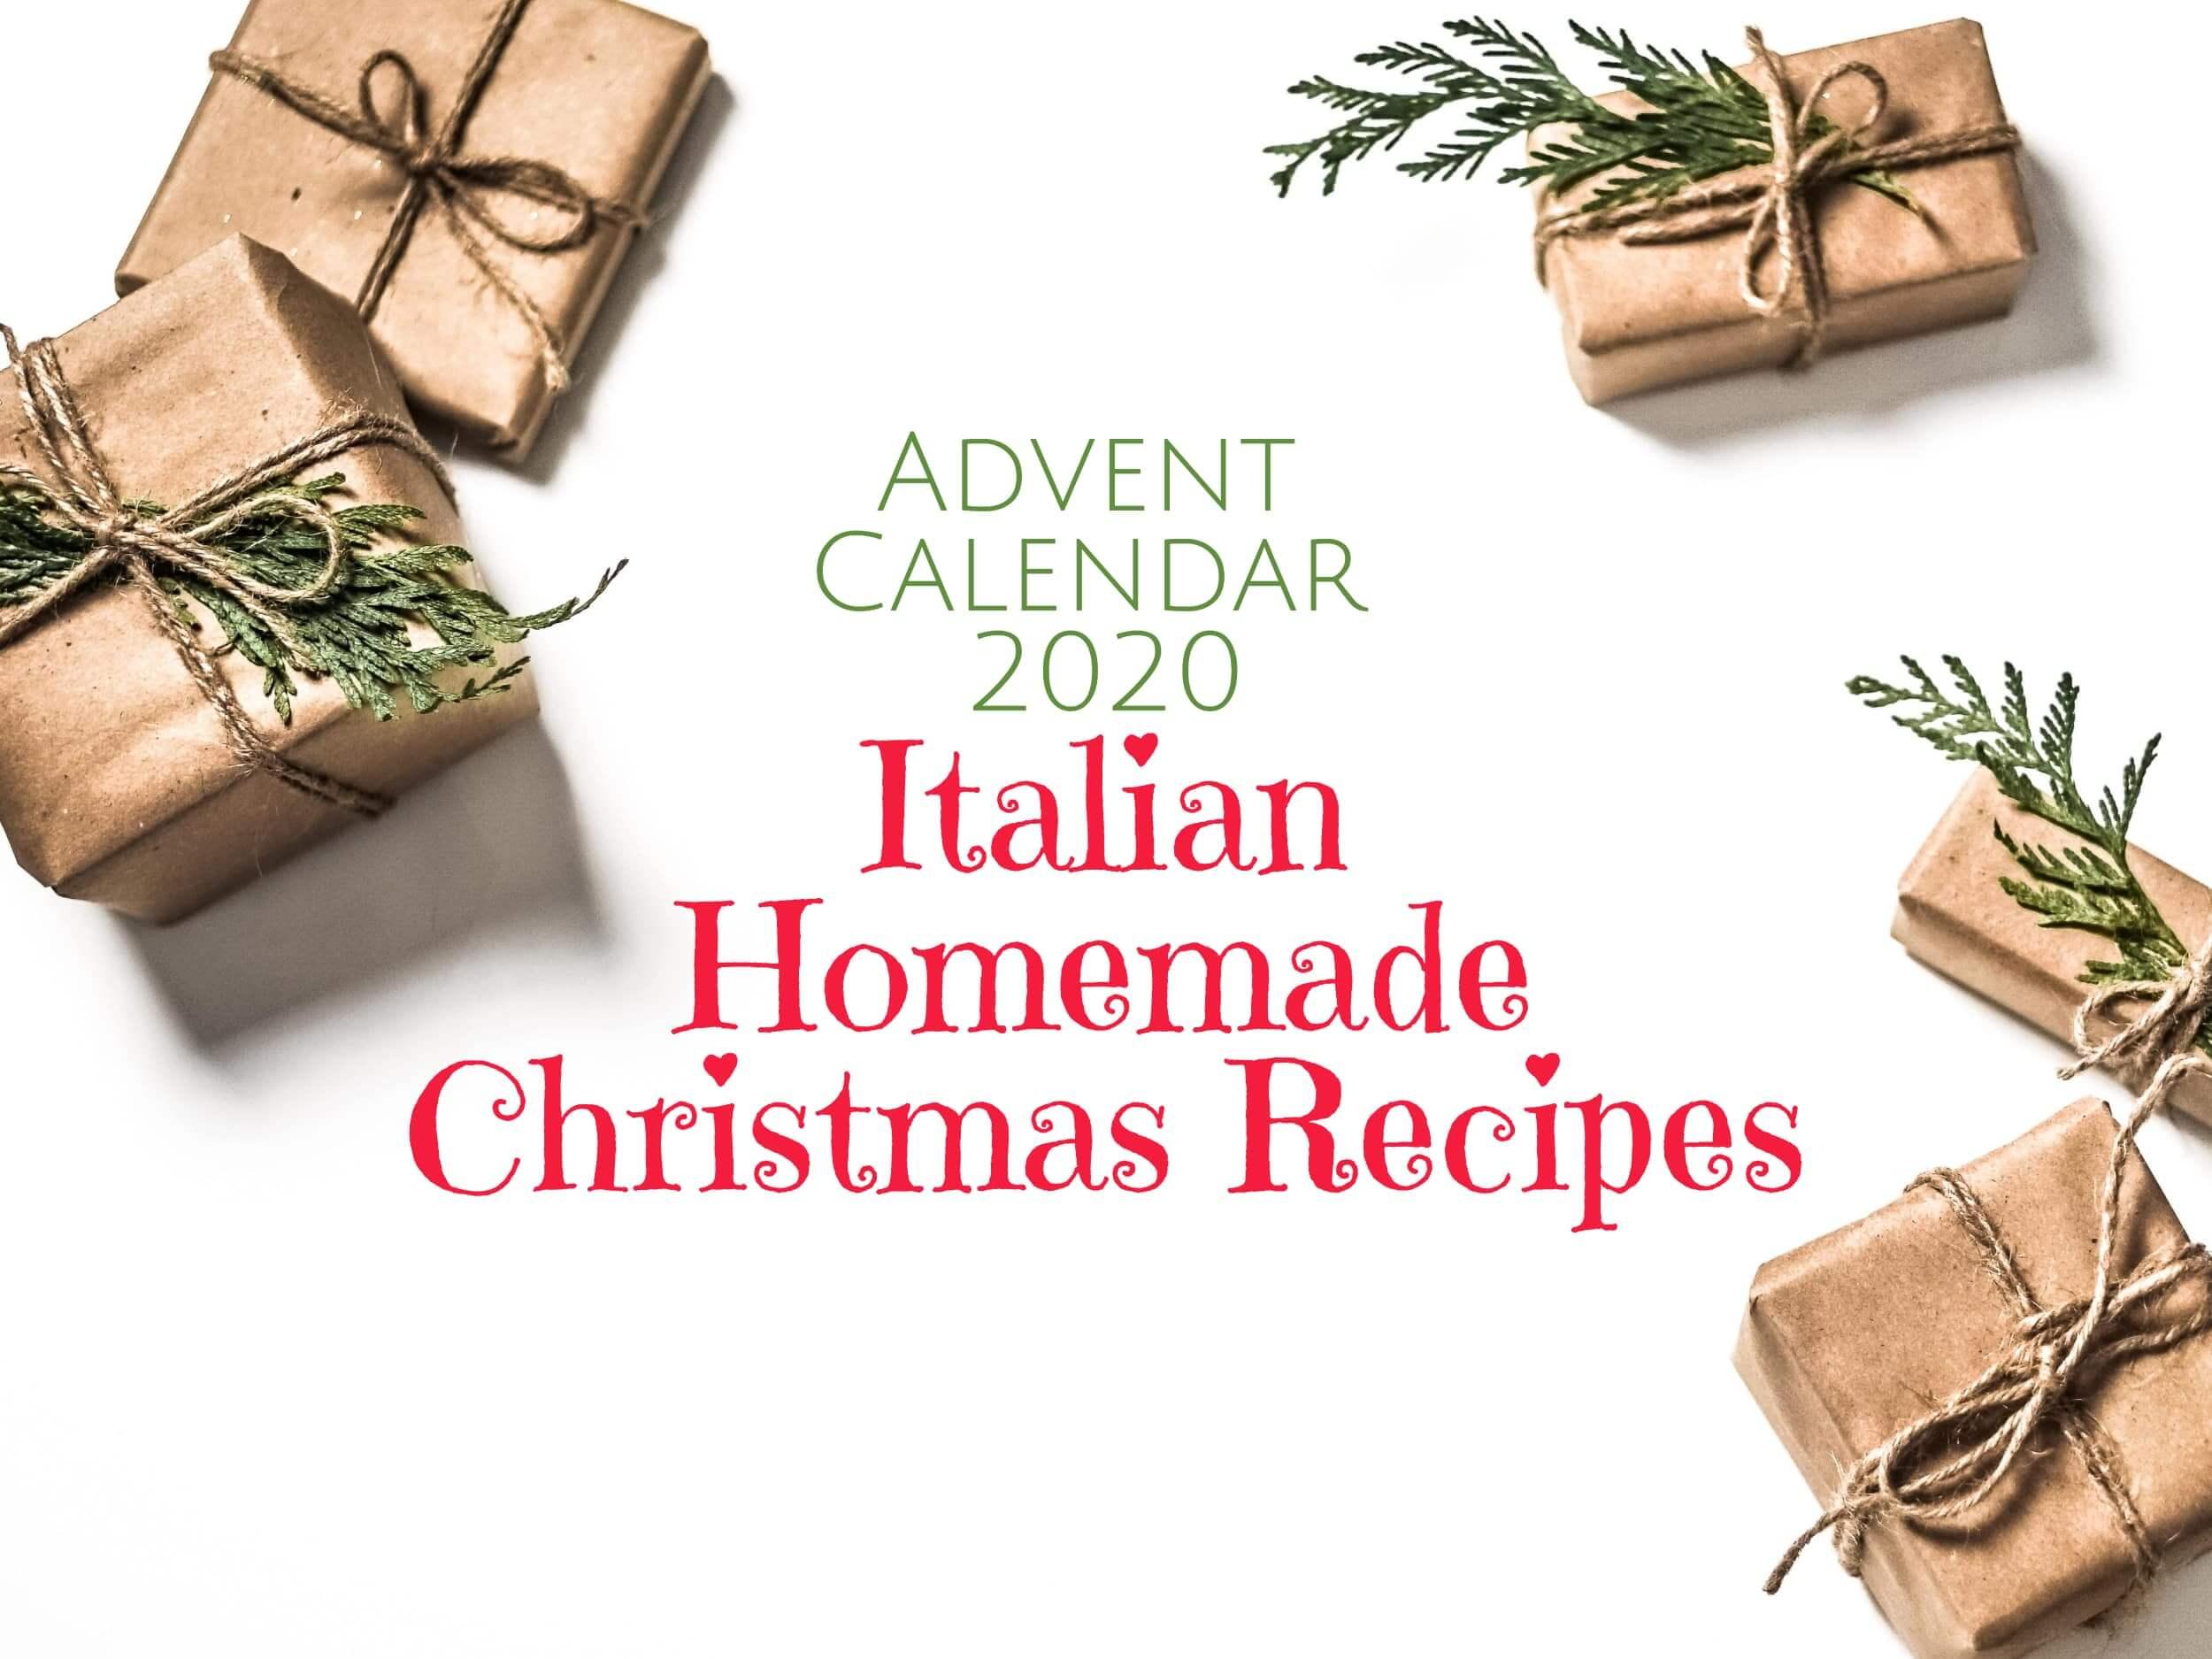 Italian Homemade Christmas Recipes Advent Calendar